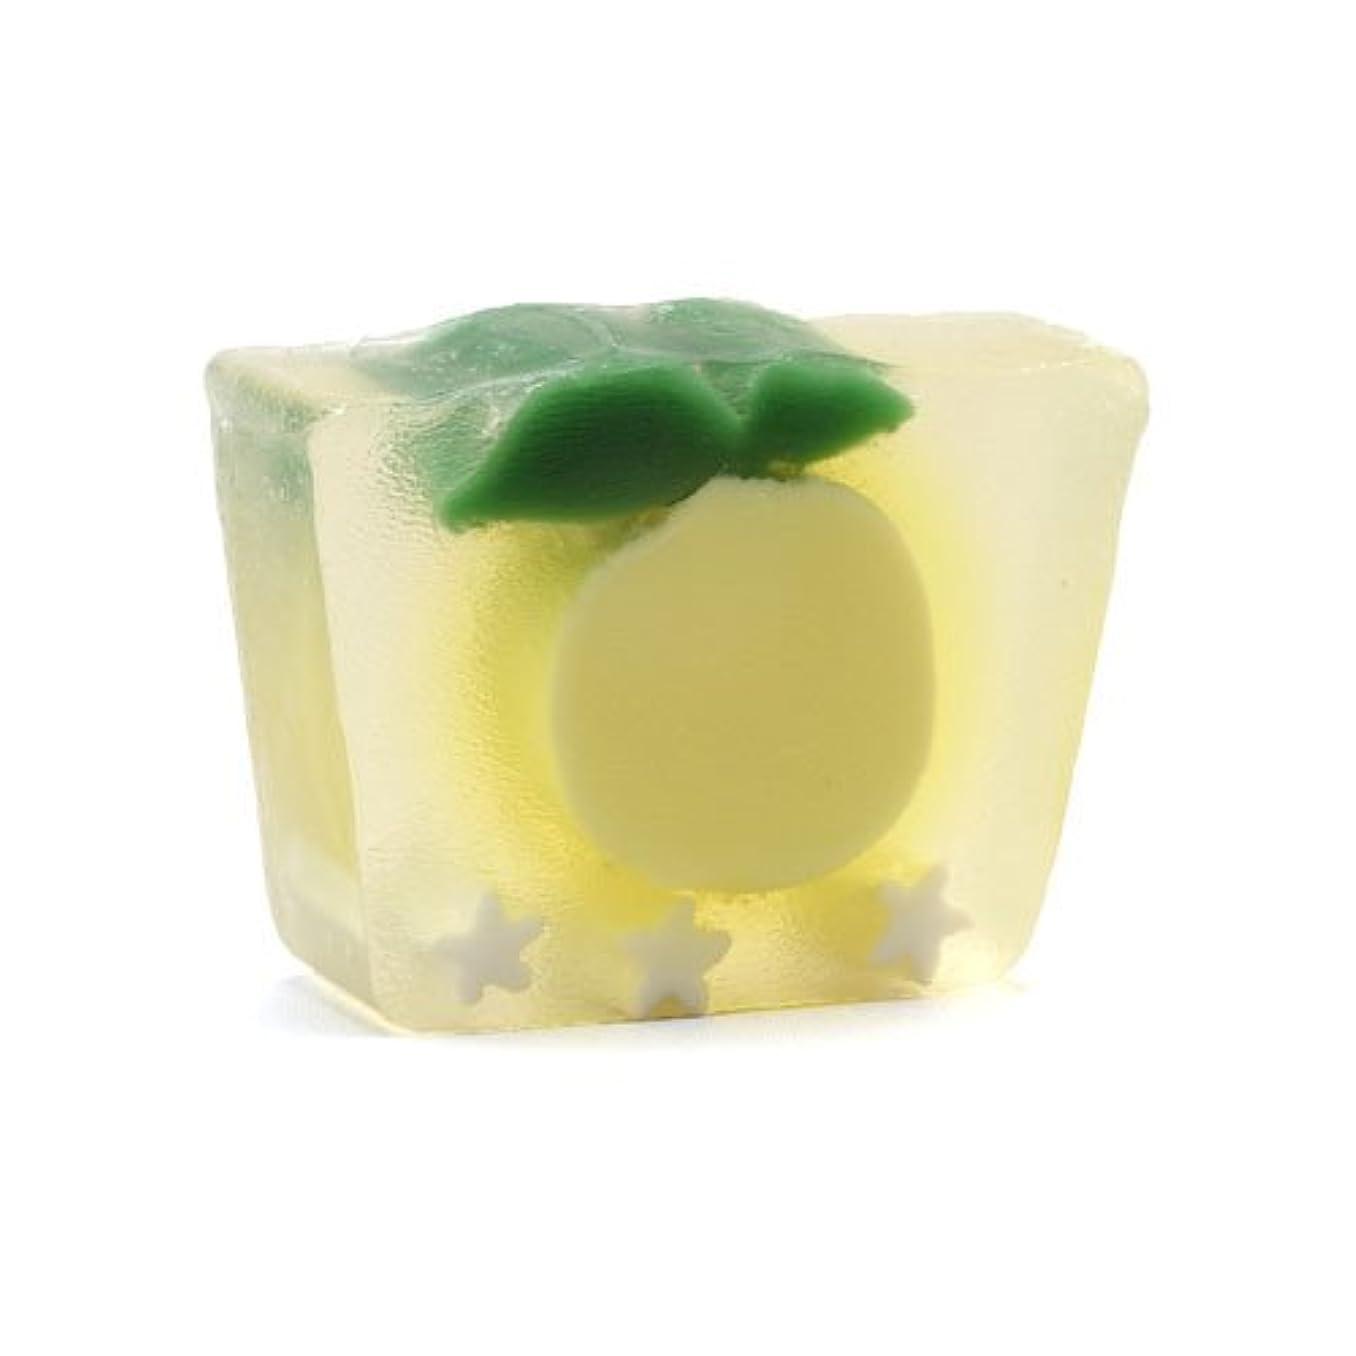 ハンディキャップ約ペンフレンドプライモールエレメンツ アロマティック ミニソープ カリフォルニアレモン 80g 植物性 ナチュラル 石鹸 無添加